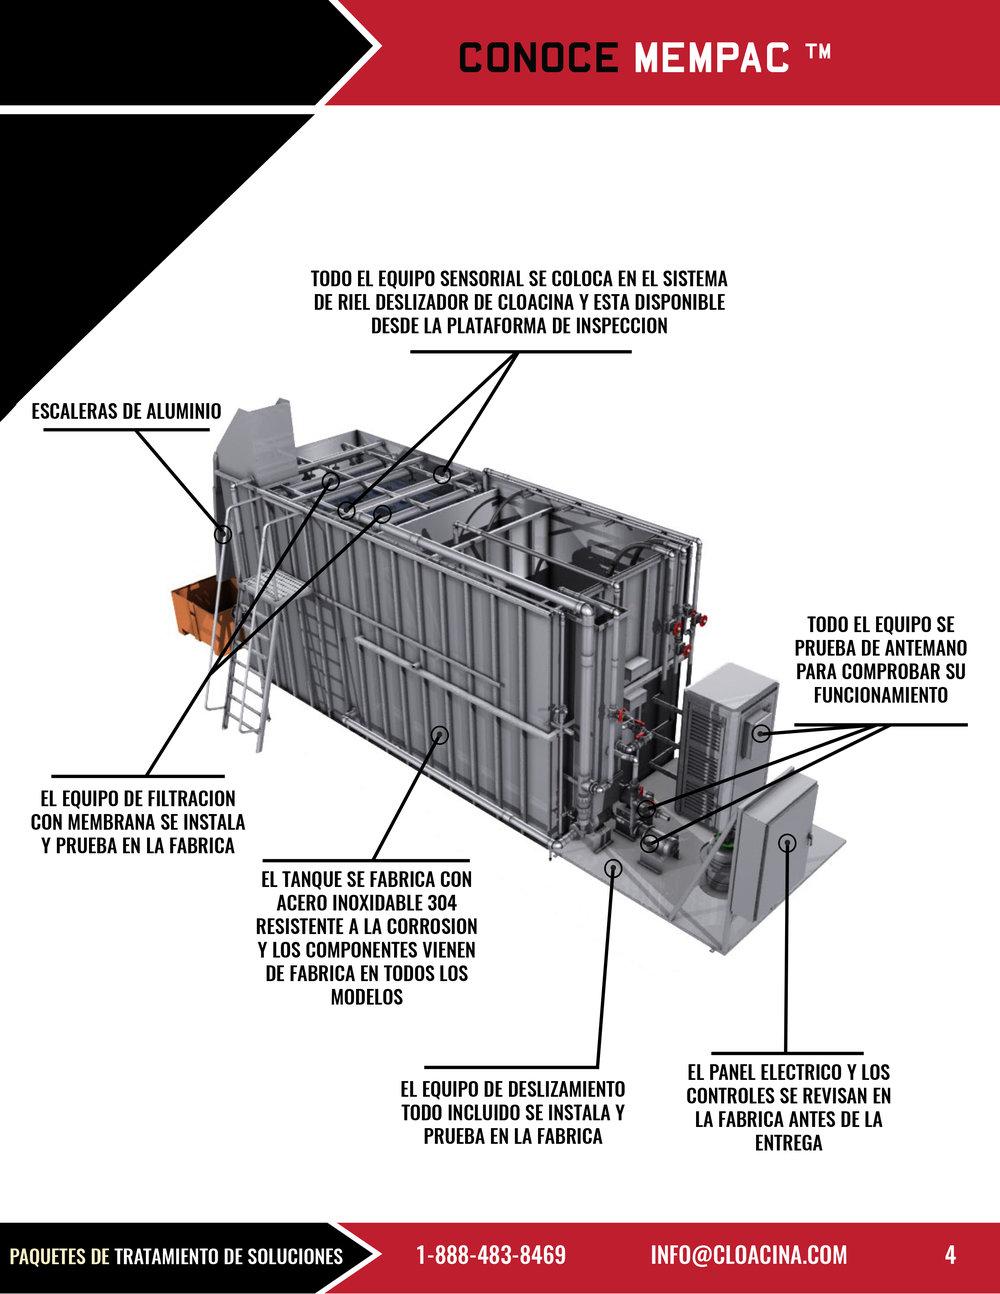 MEMPAC-I-Spanish copy-5.jpg